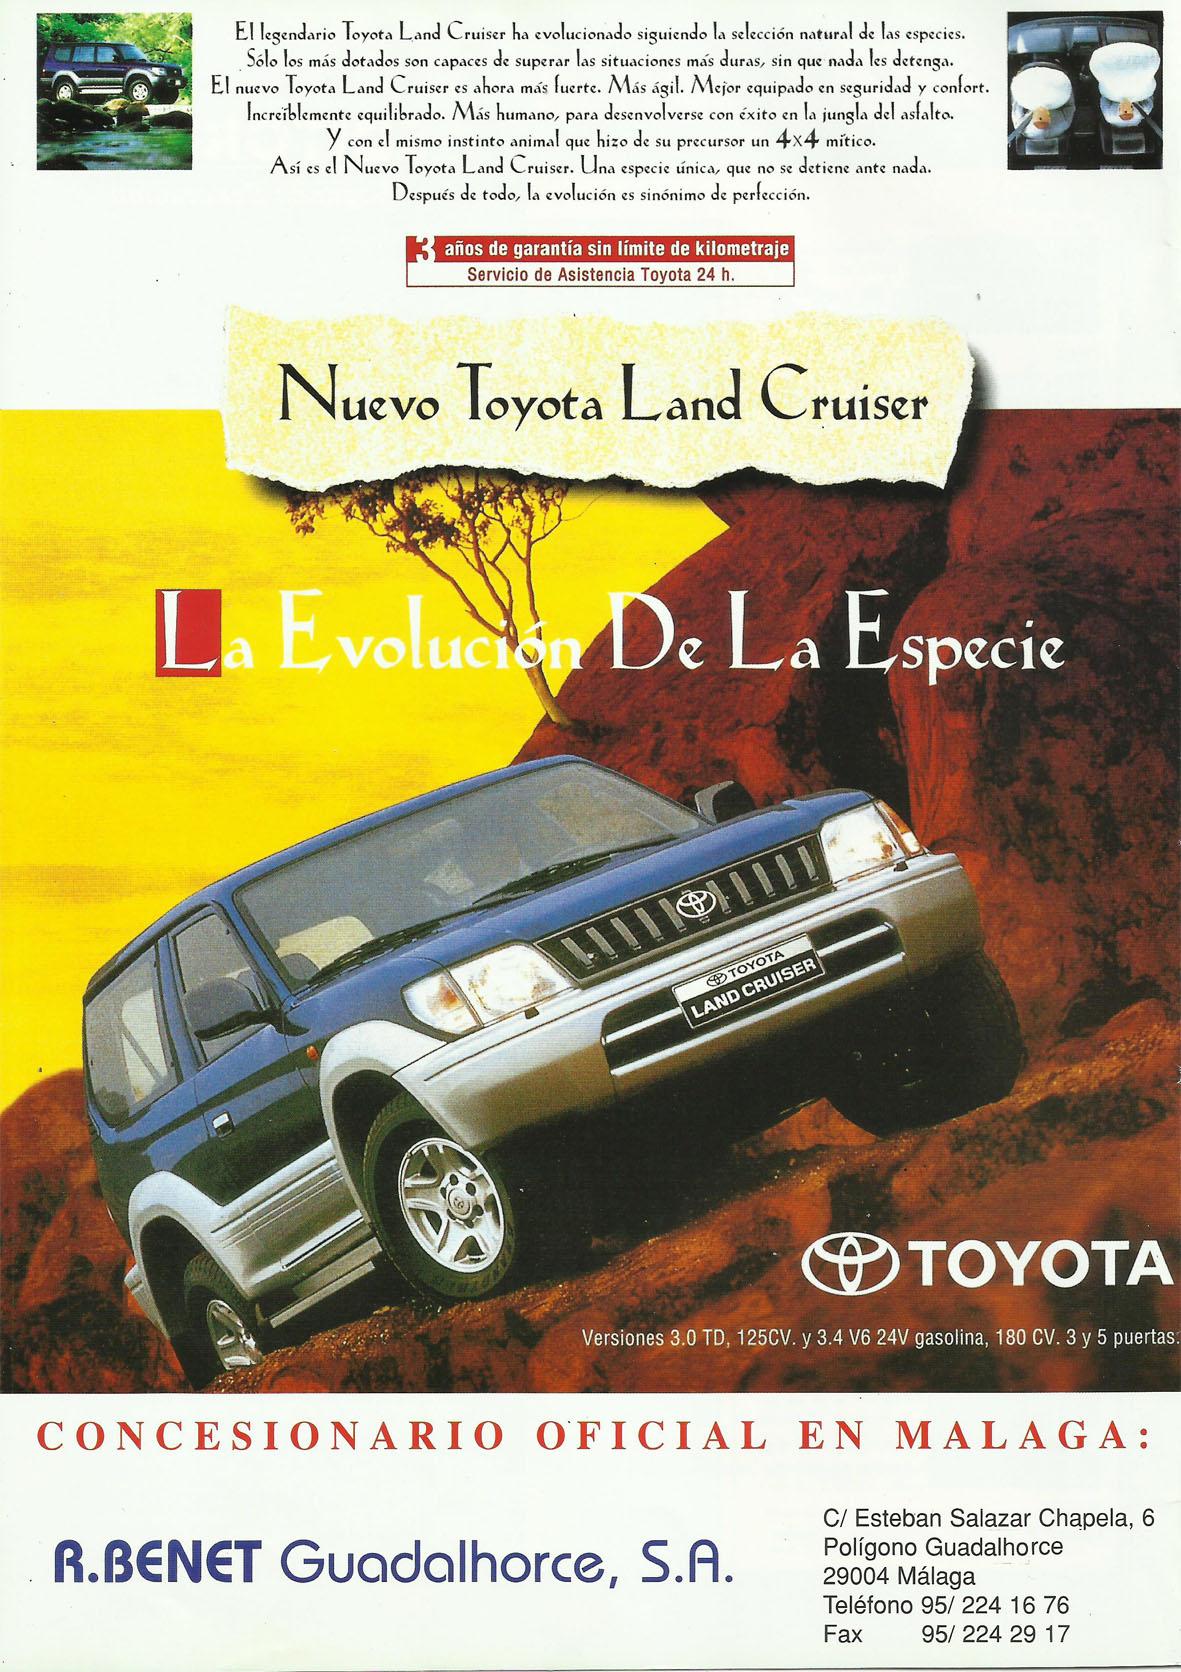 Revista Local 4x4 32 02 Publicidad Toyota R Benet